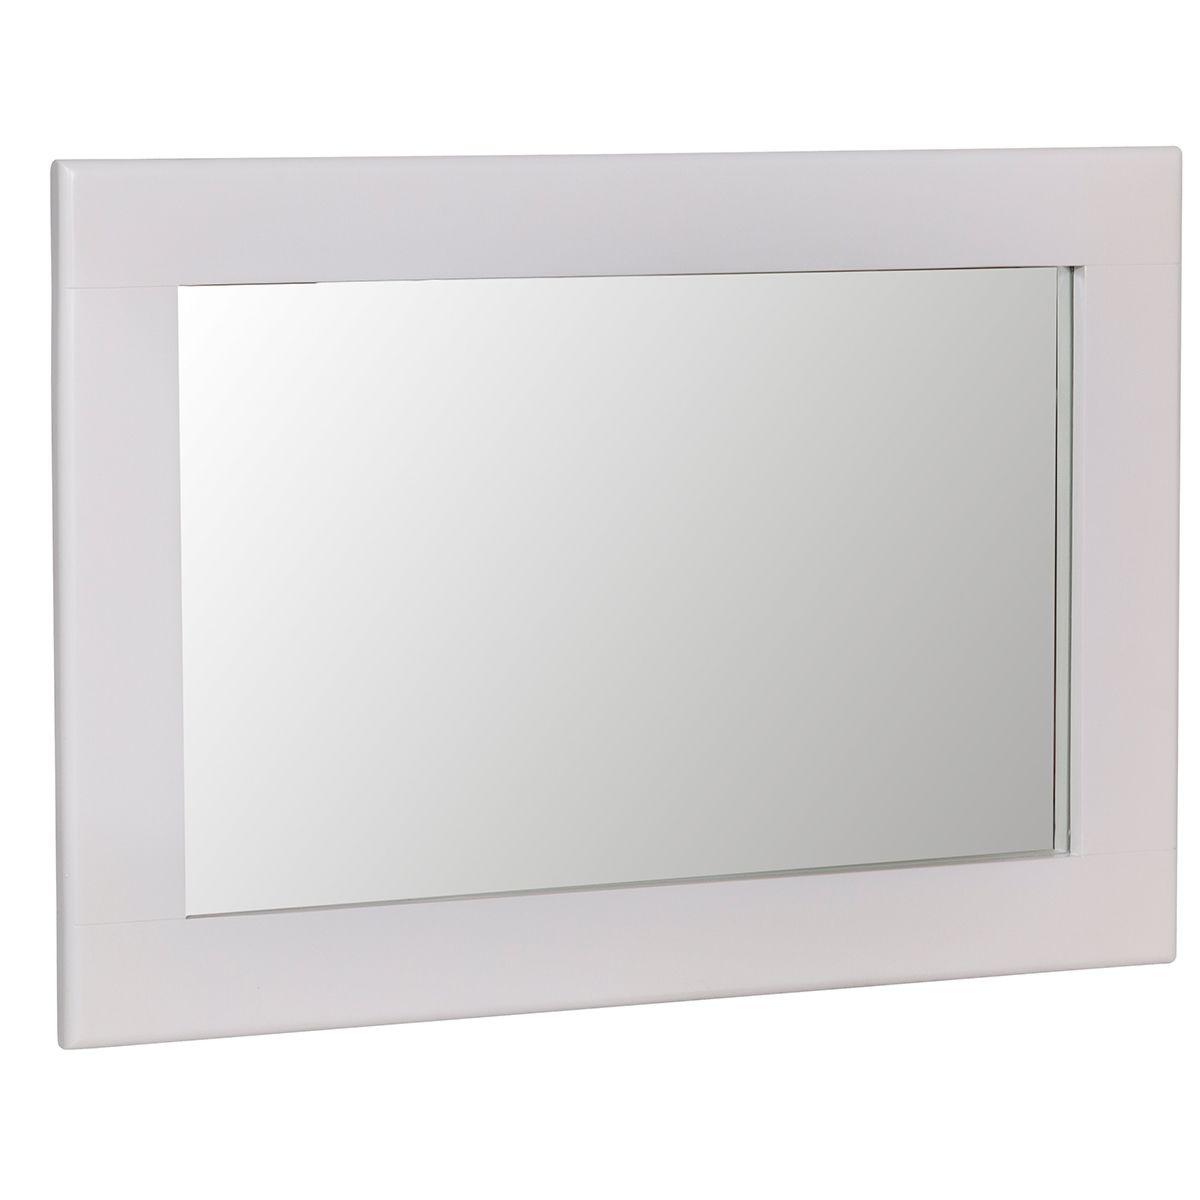 Notswood Small Wall Mirror